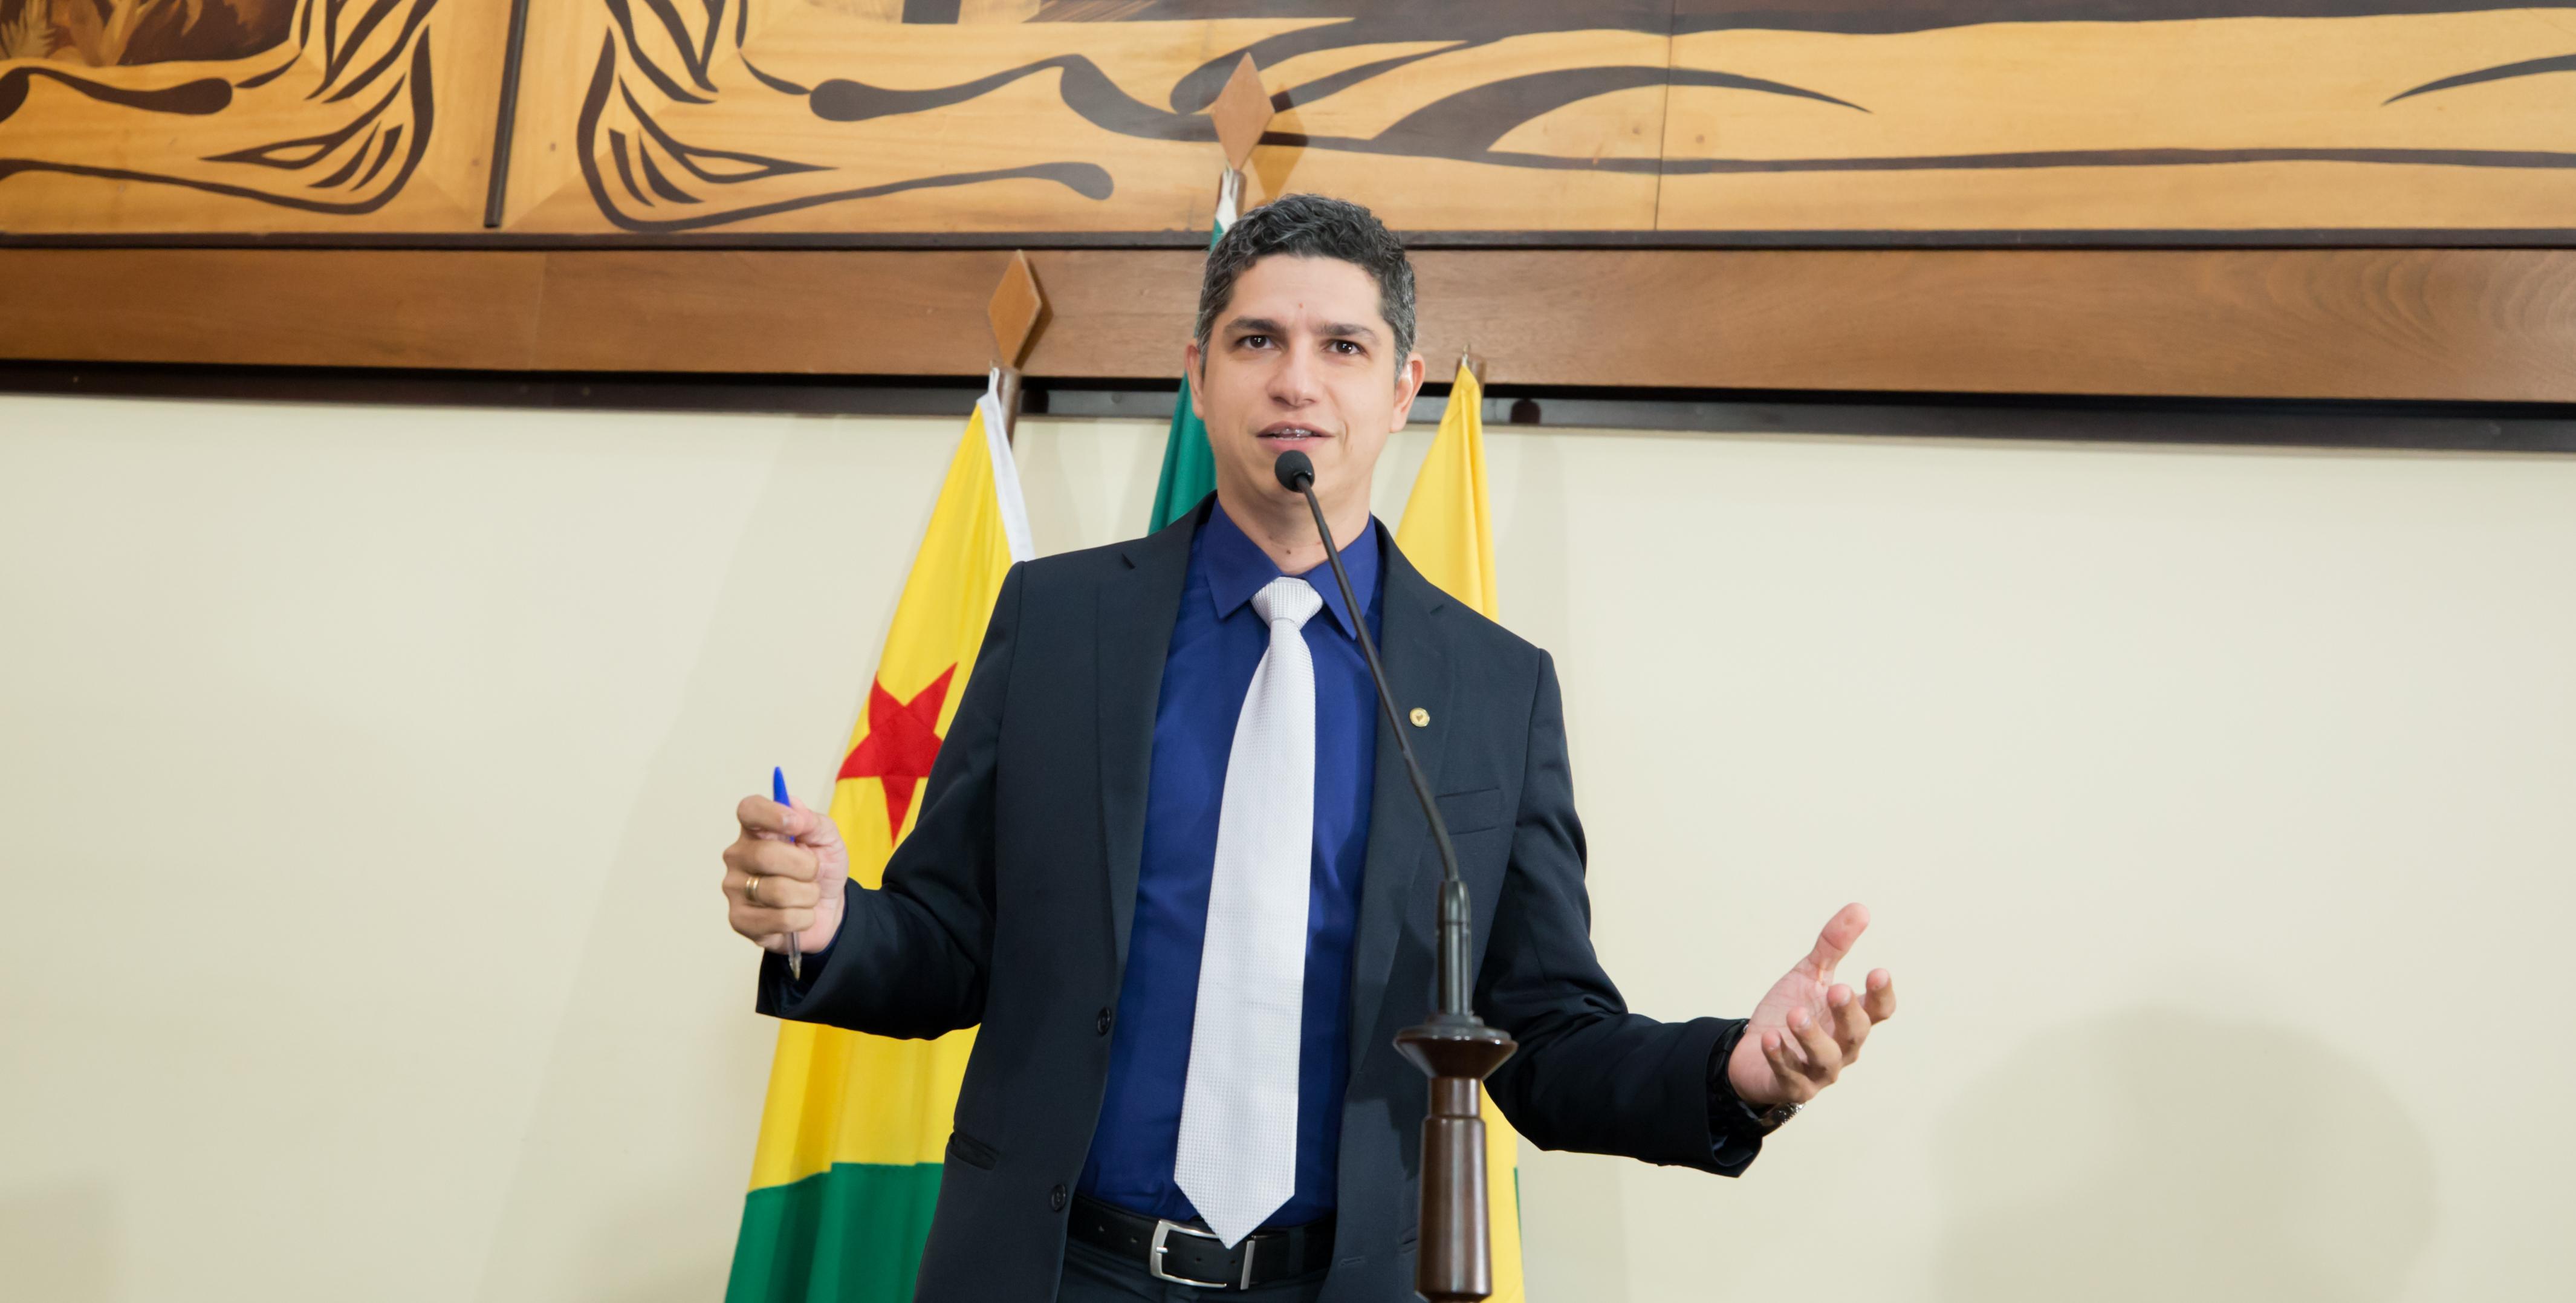 Deputado Fagner Calegário lamenta desencontro de informações acerca de imunização contra a Covid-19